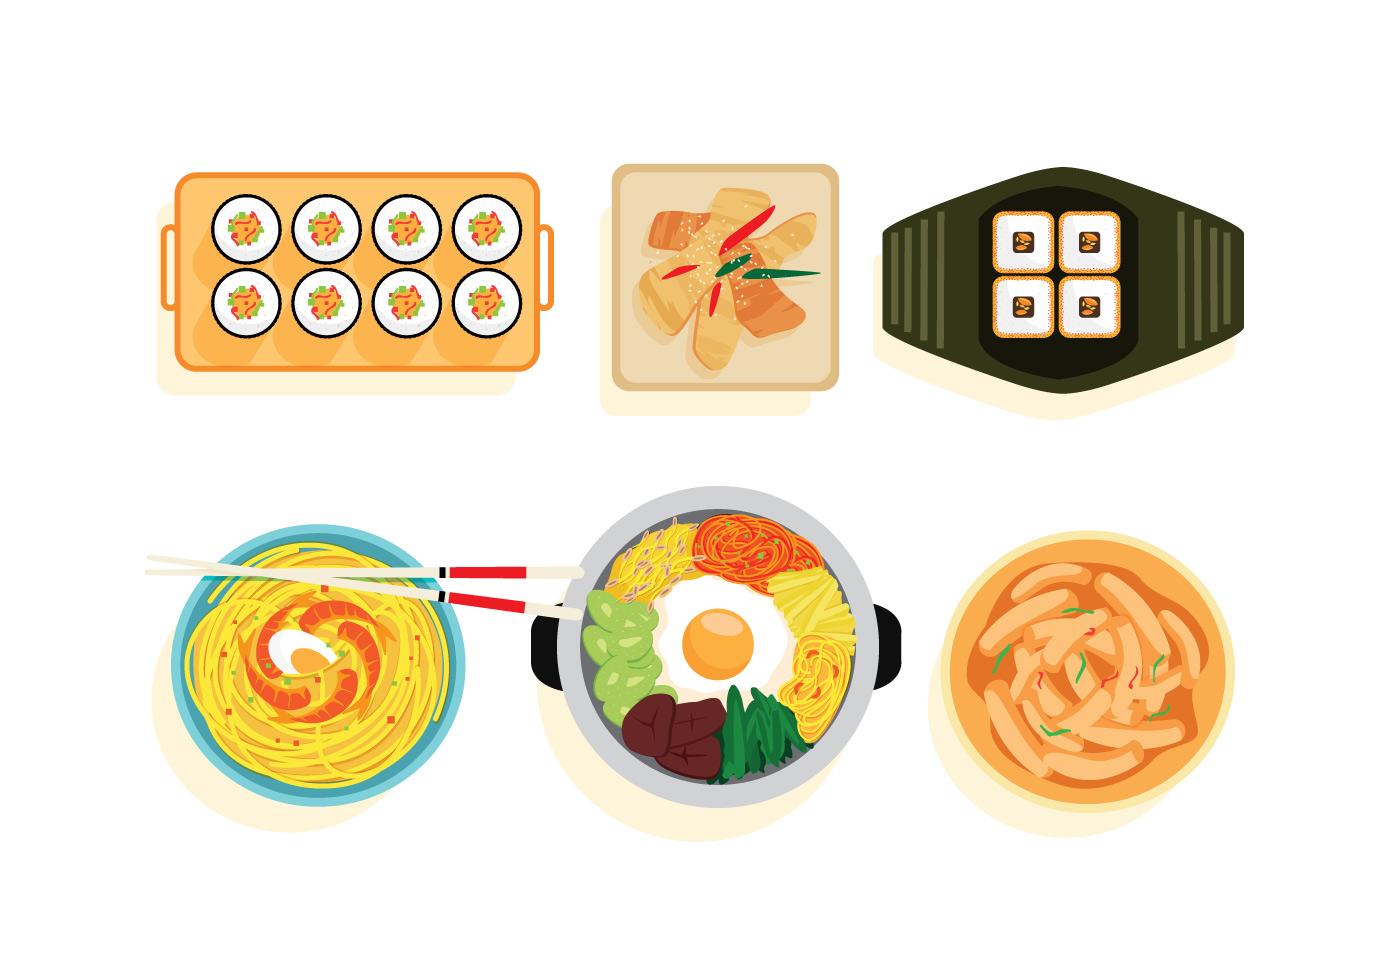 Korean Food Vectors - Download Free Vectors, Clipart ...